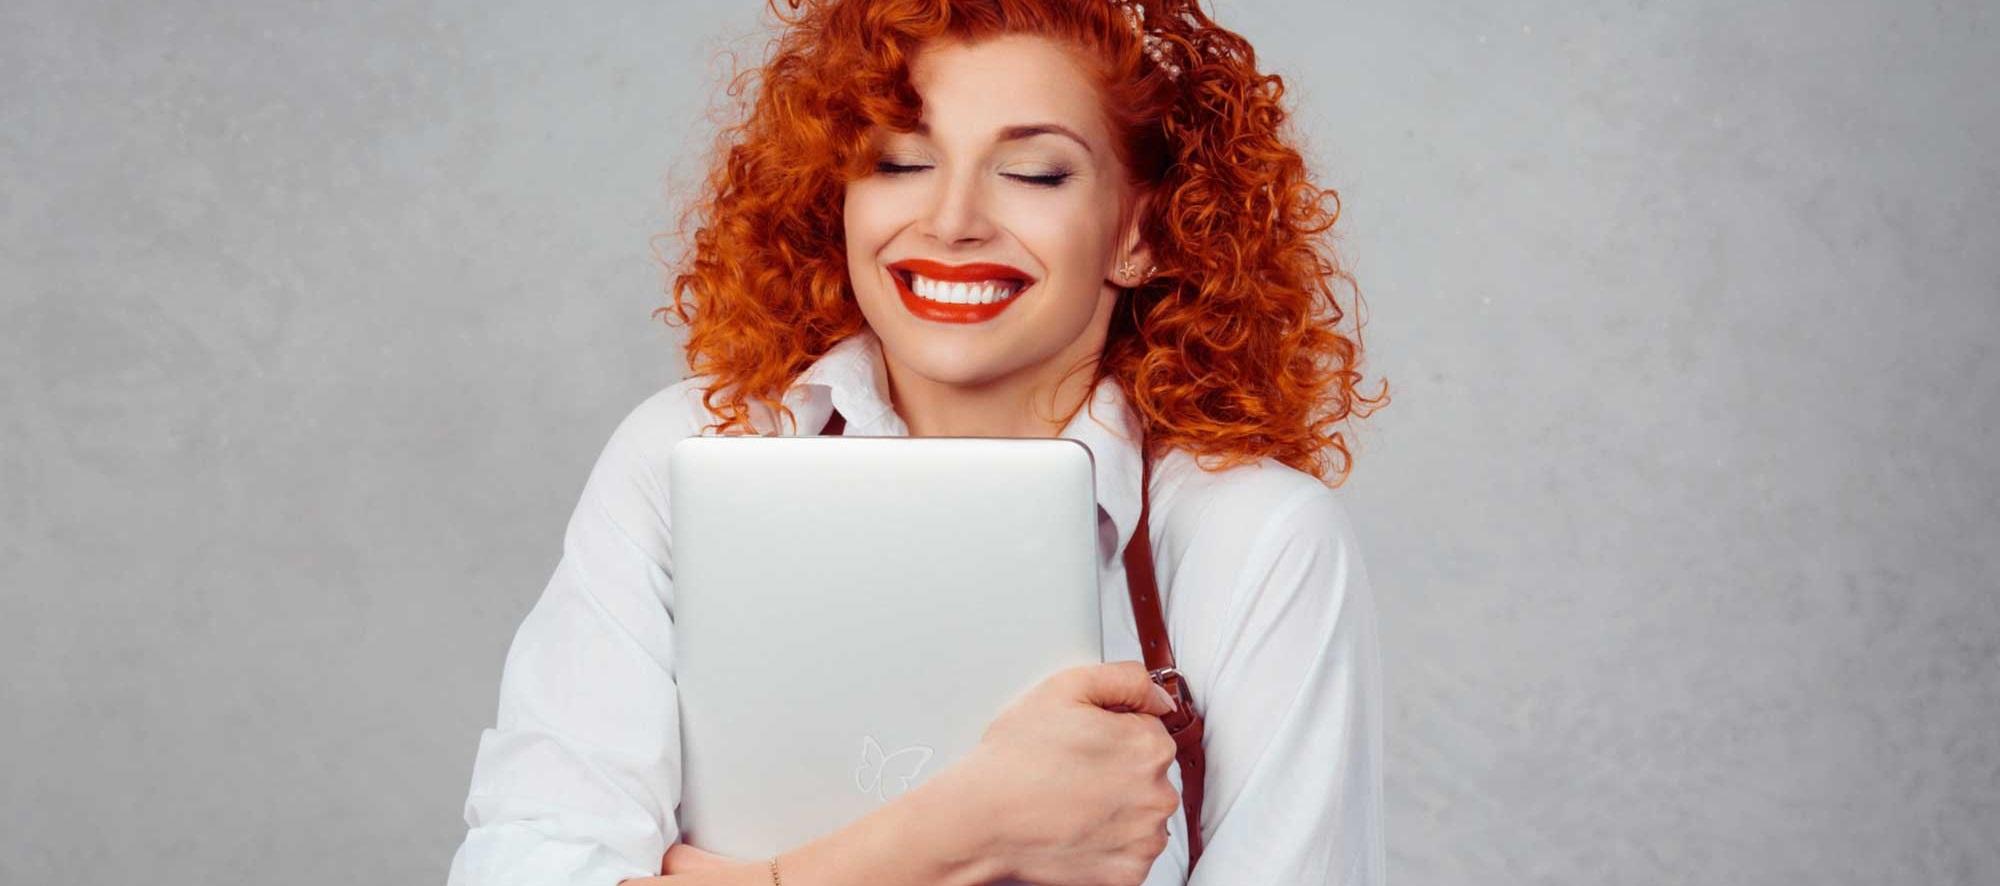 Schmetterling Marketinglösungen für Reisebüros - Bild von grinsender Frau mit roten, lockigen Haaren, die Laptop mit Schmetterling Logo umarmt